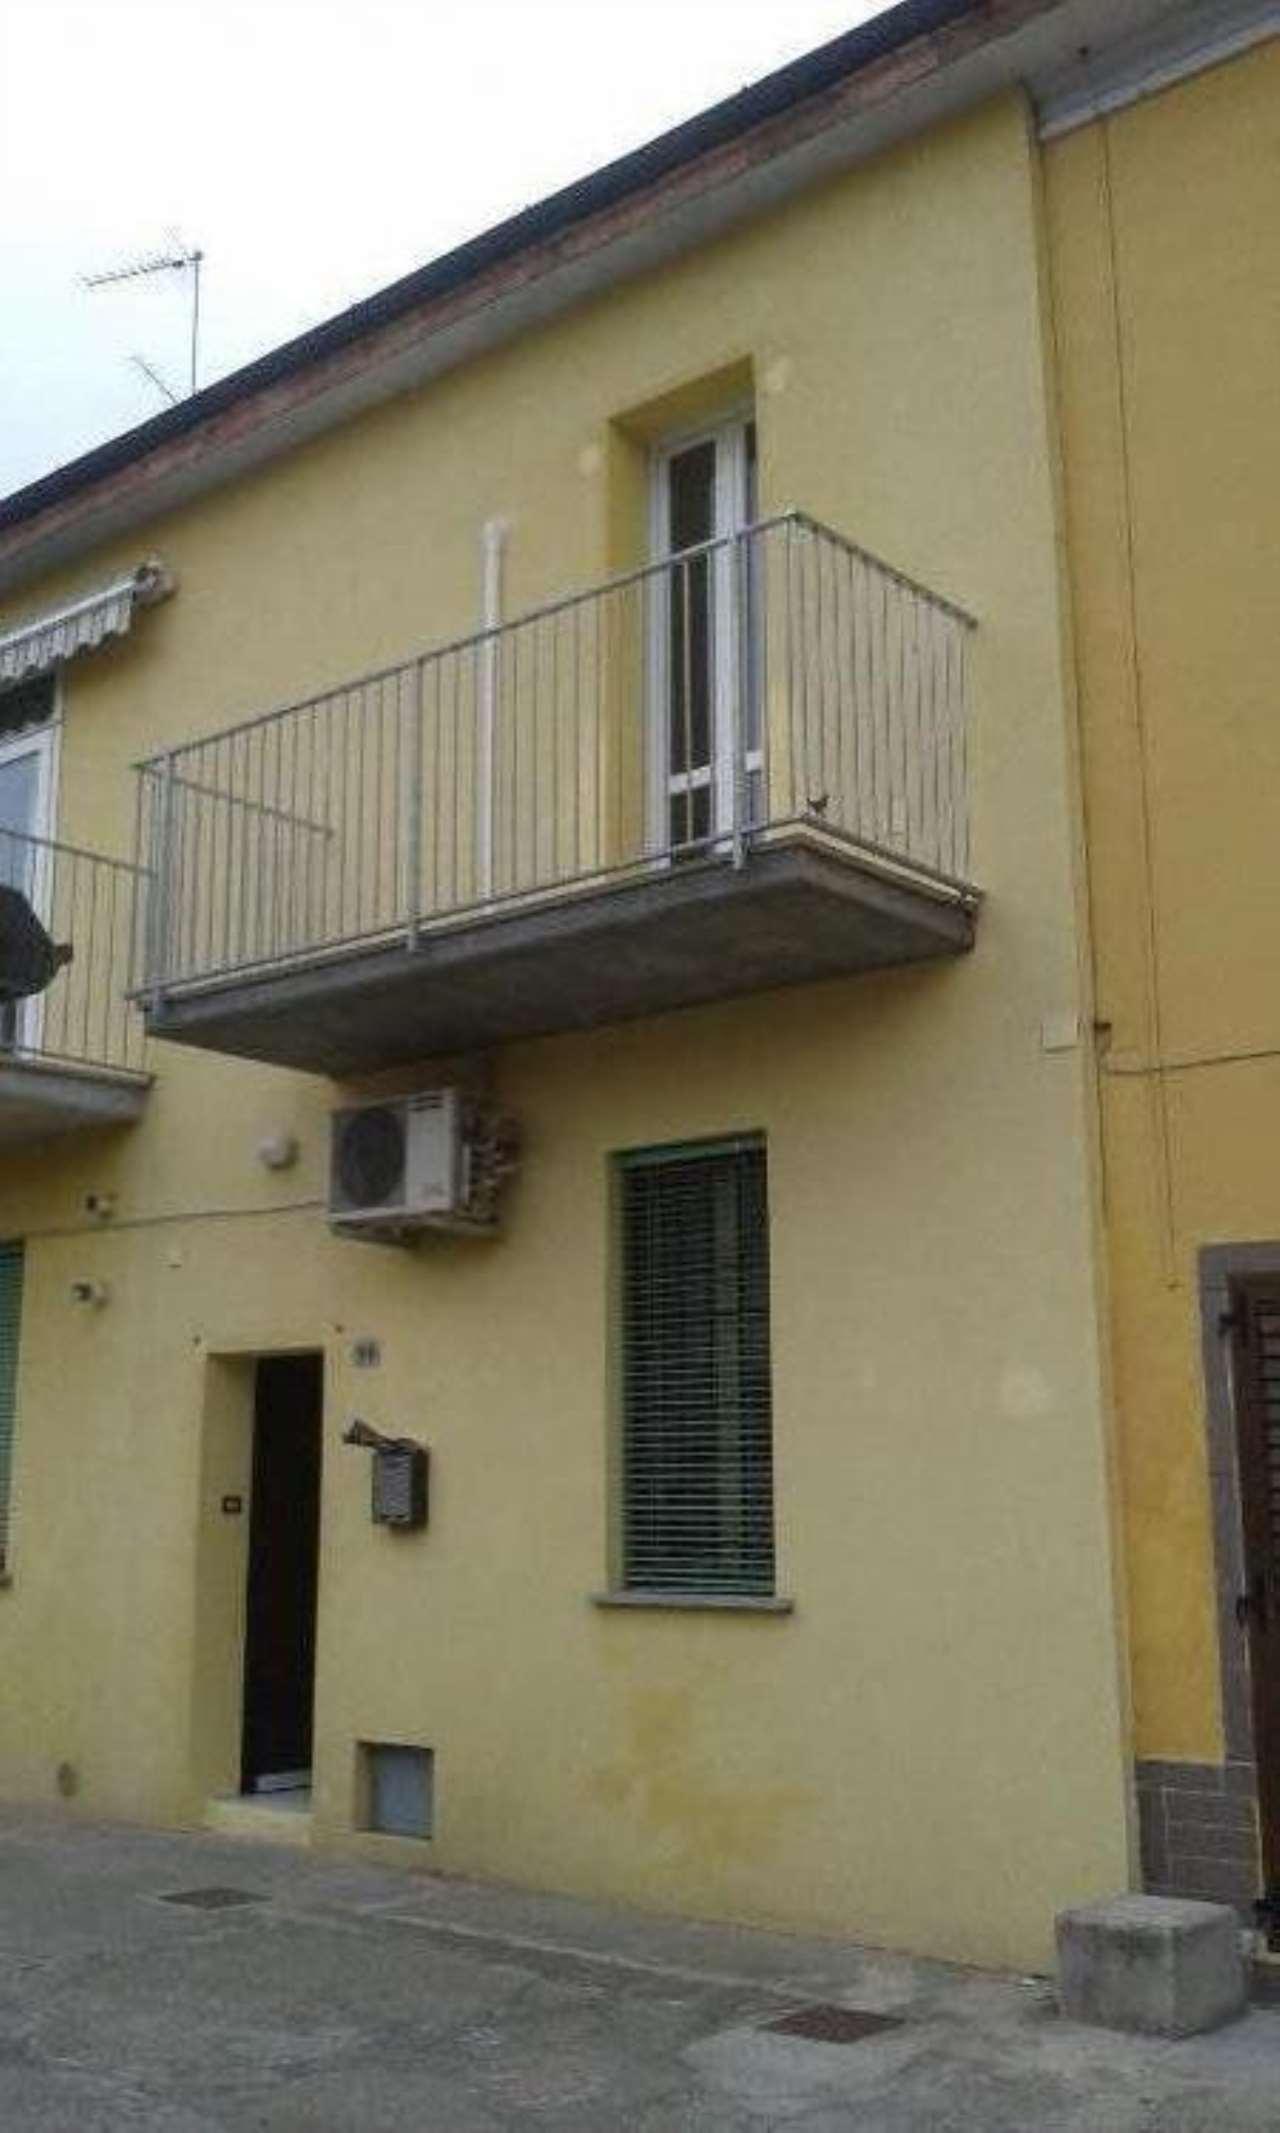 Rustico / Casale in affitto a Cremona, 2 locali, prezzo € 430 | Cambio Casa.it